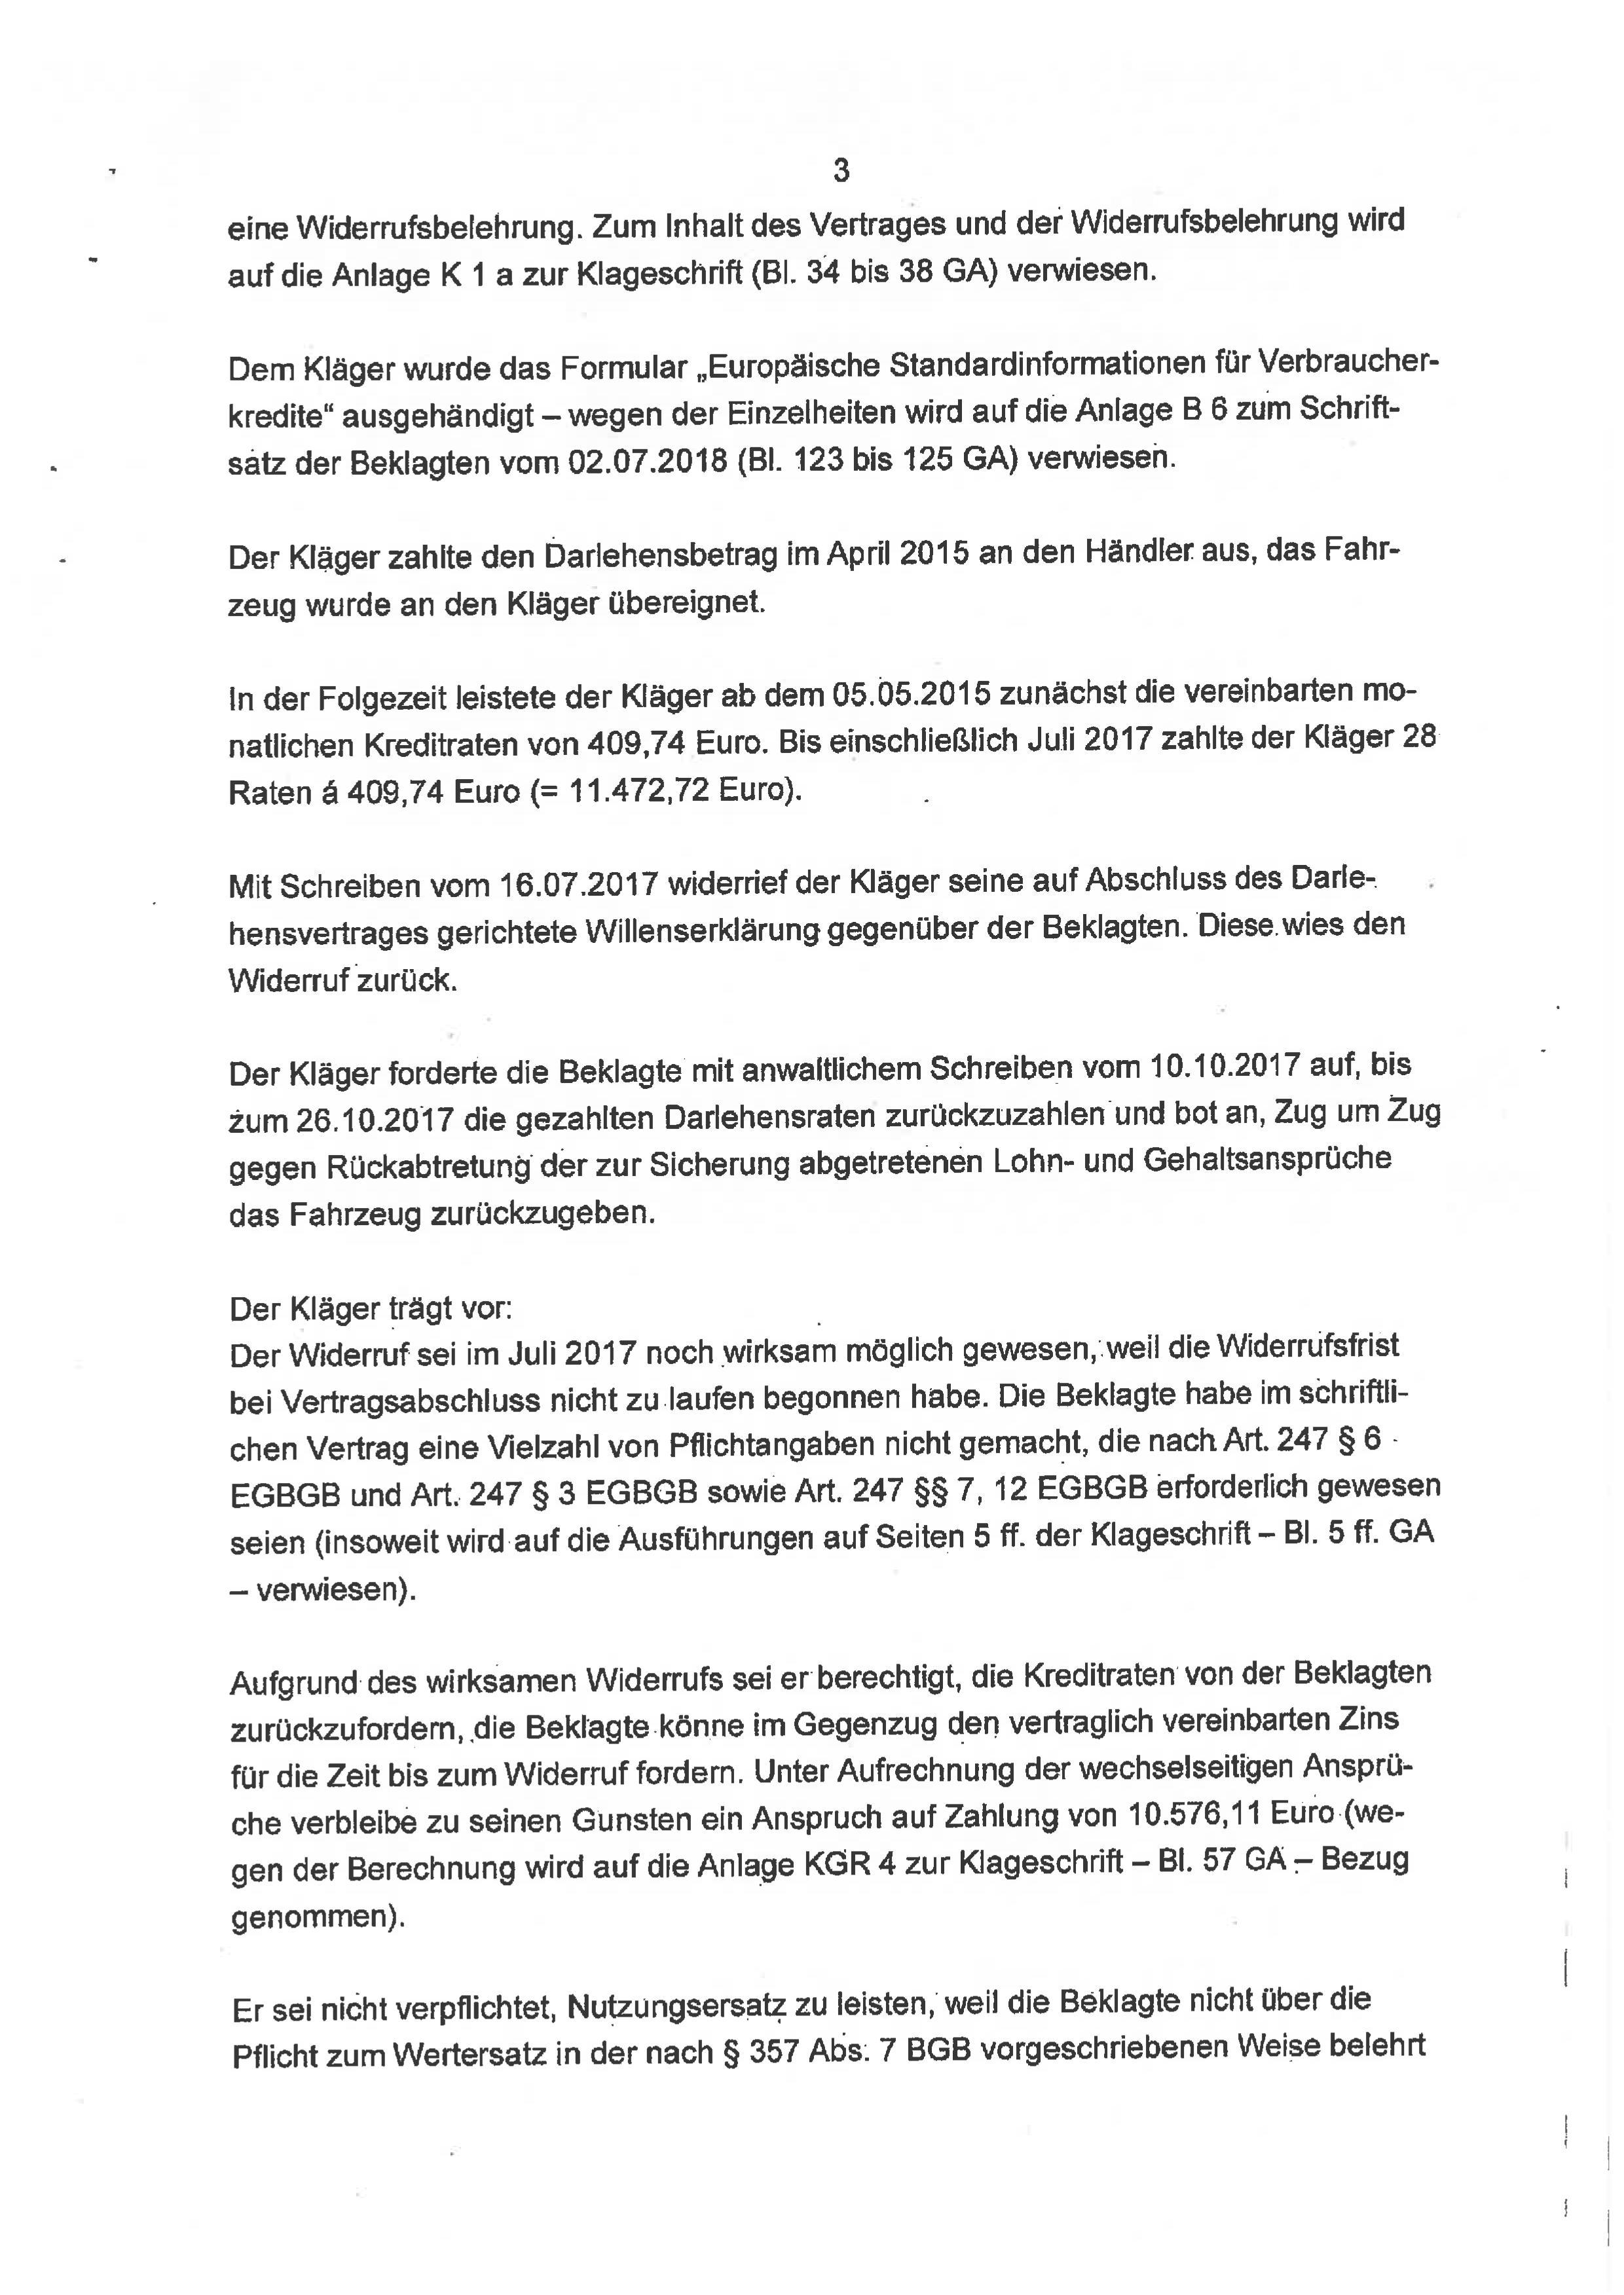 Seite 3 des Urteils 4 O 46/18 zum Widerruf Autokredit